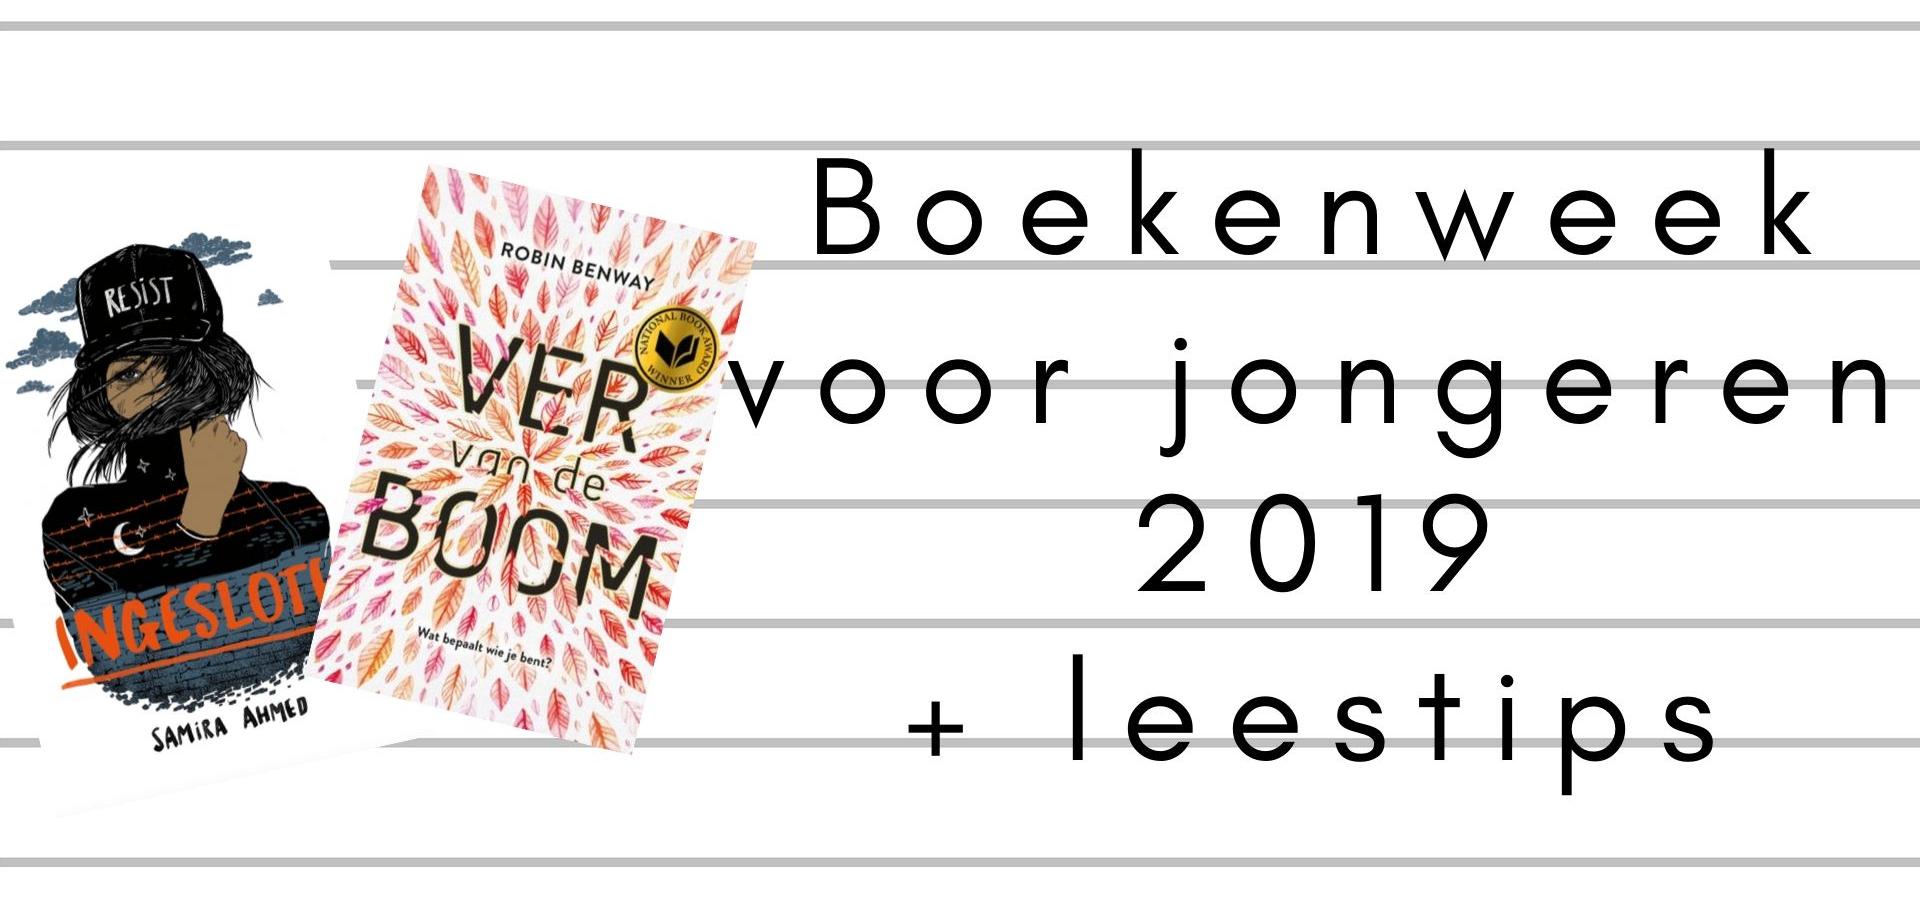 Boekenweek voor jongeren 2019 + leestips | Marieke's Books